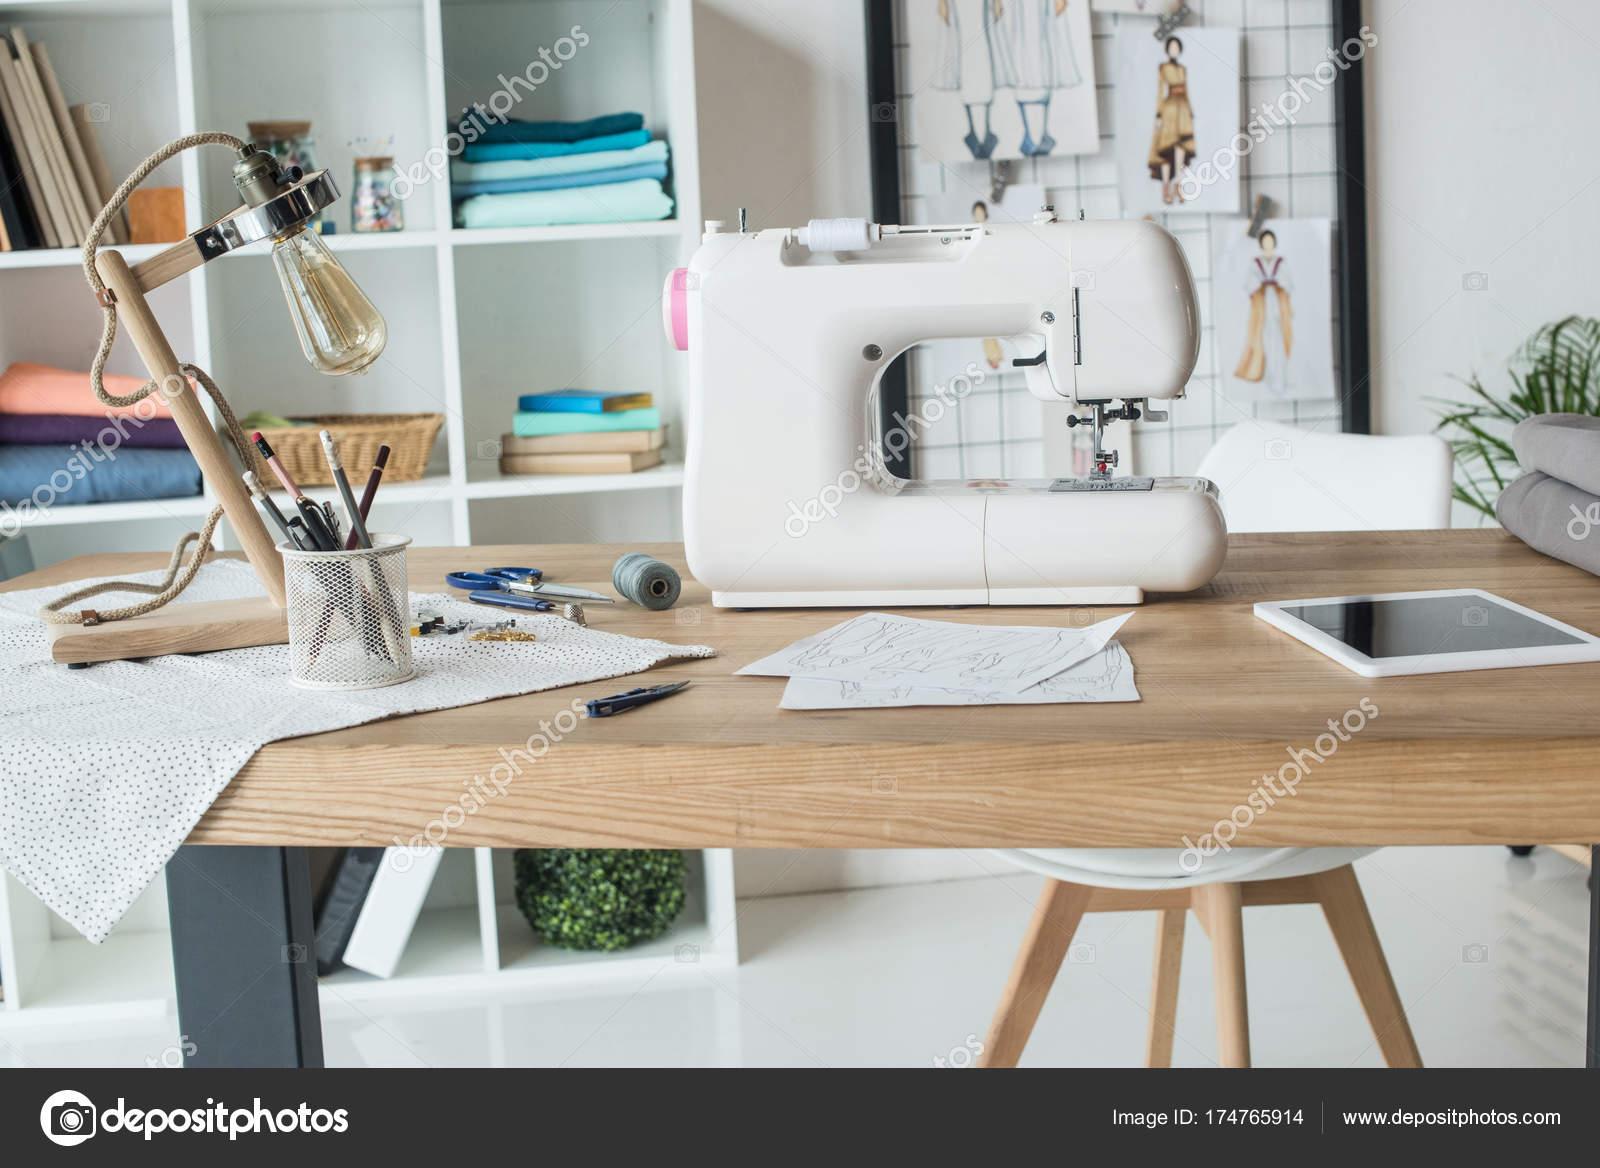 Lavoro sarta con macchina cucire sul tavolo foto stock vadimvasenin 174765914 - Tavolo con macchina da cucire ...